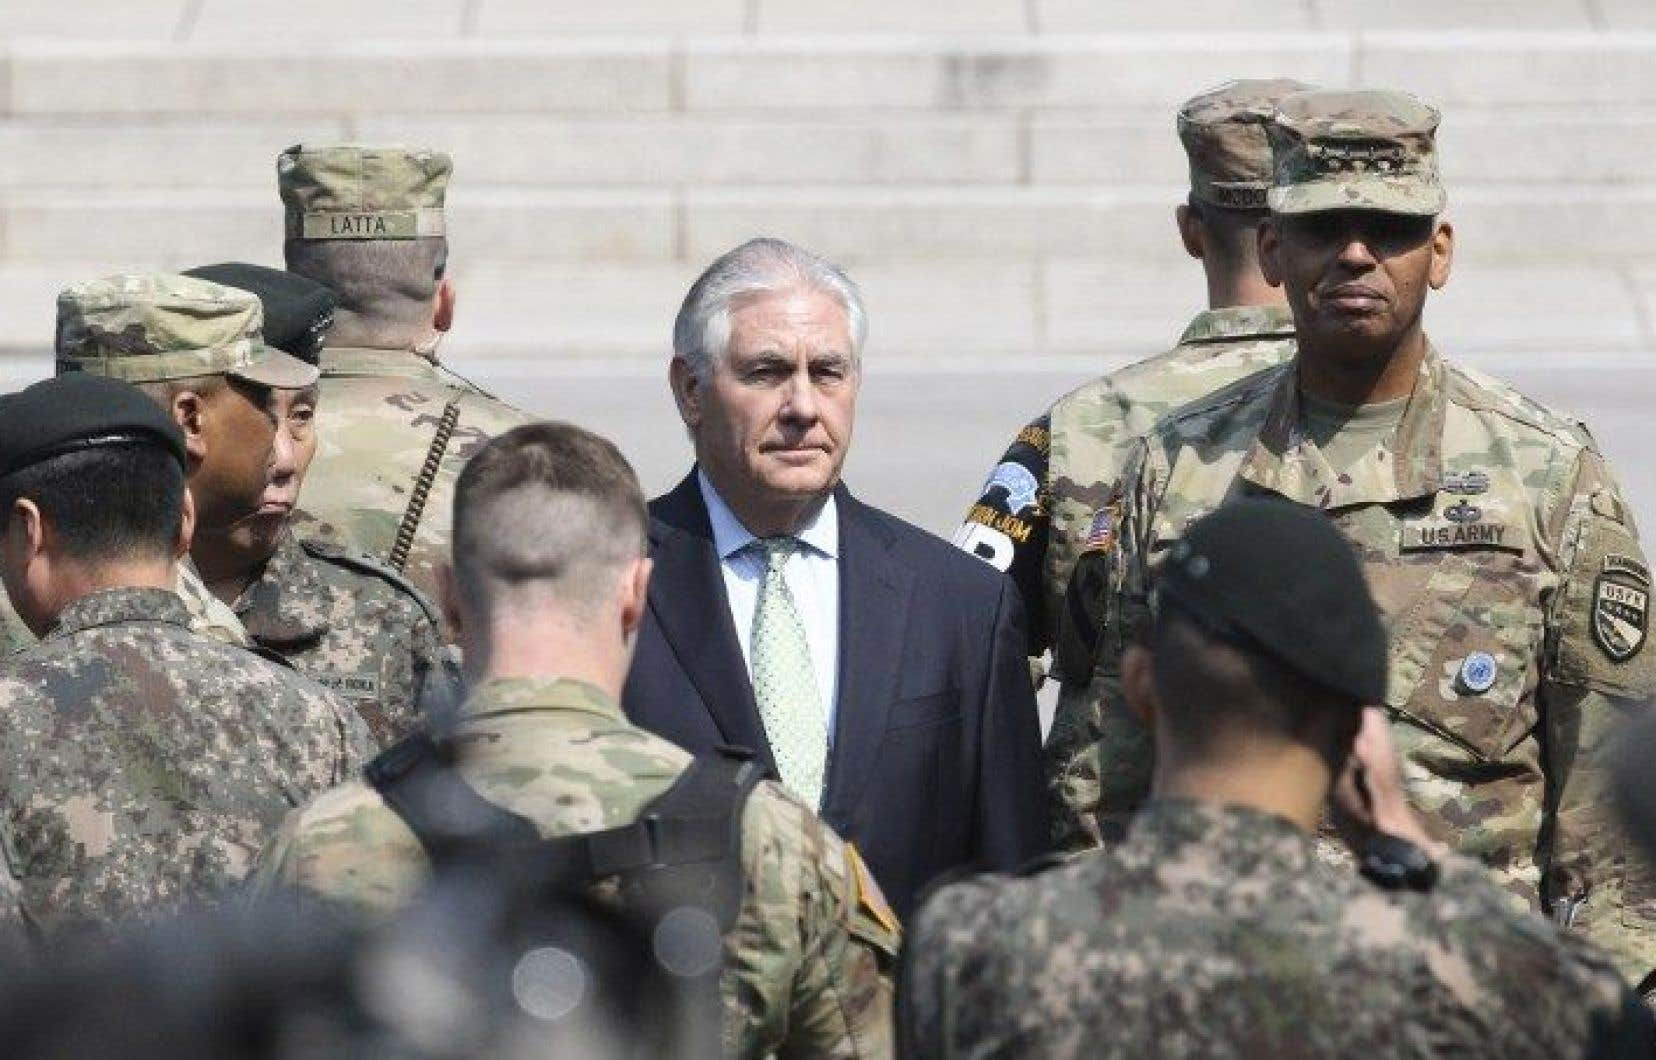 Le chef de la diplomatie américaine, Rex Tillerson, a visité la zone commune de sécurité de Panmunjom, gardée depuis la fin de la guerre de Corée (1950-53) par la Corée du Nord et le commandement de l'ONU dominé par les États-Unis.